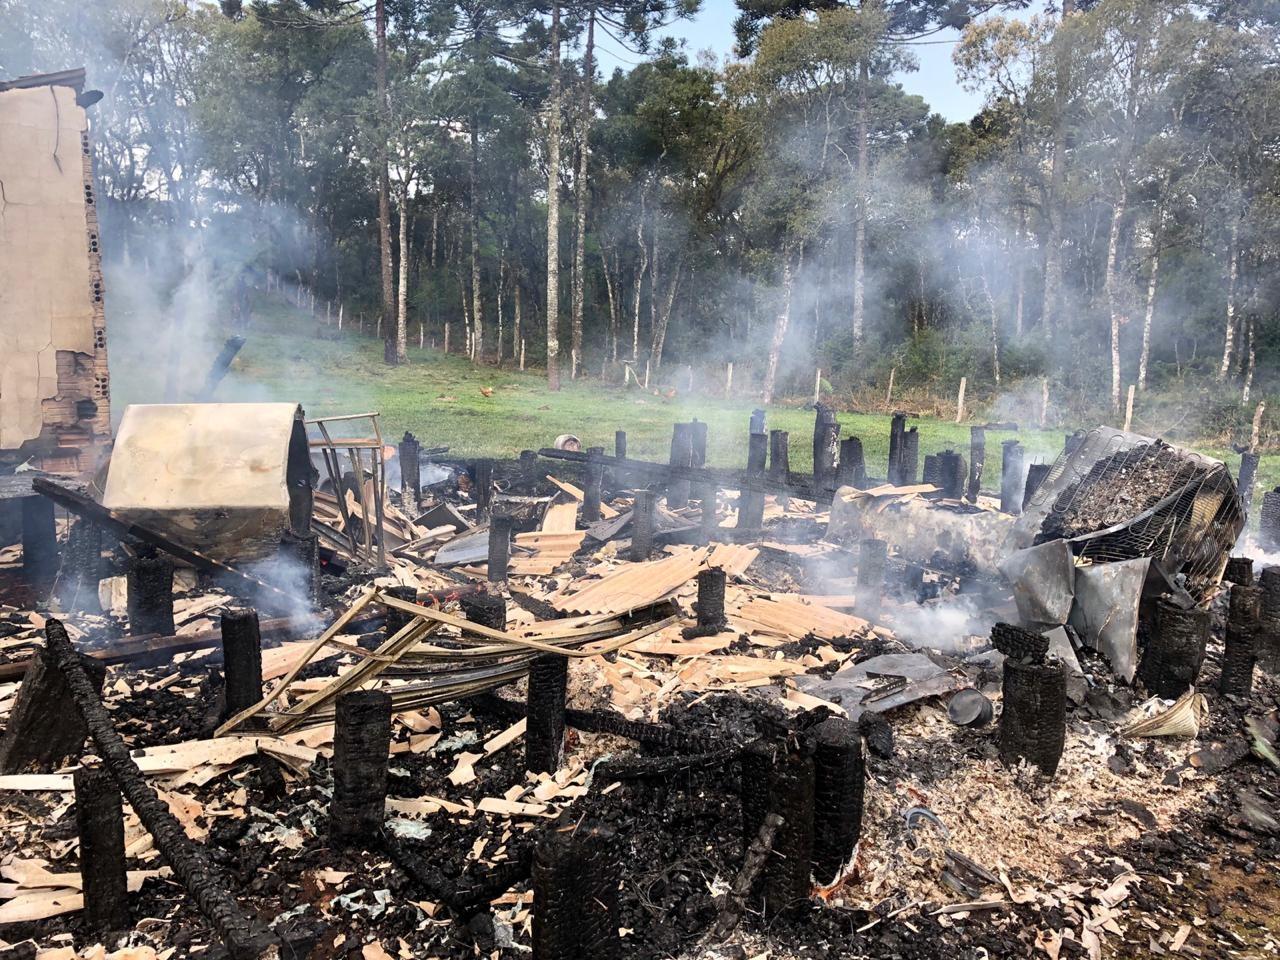 Casa de madeira pega fogo com cinco pessoas dentro em distrito de Guarapuava, diz Corpo de Bombeiros